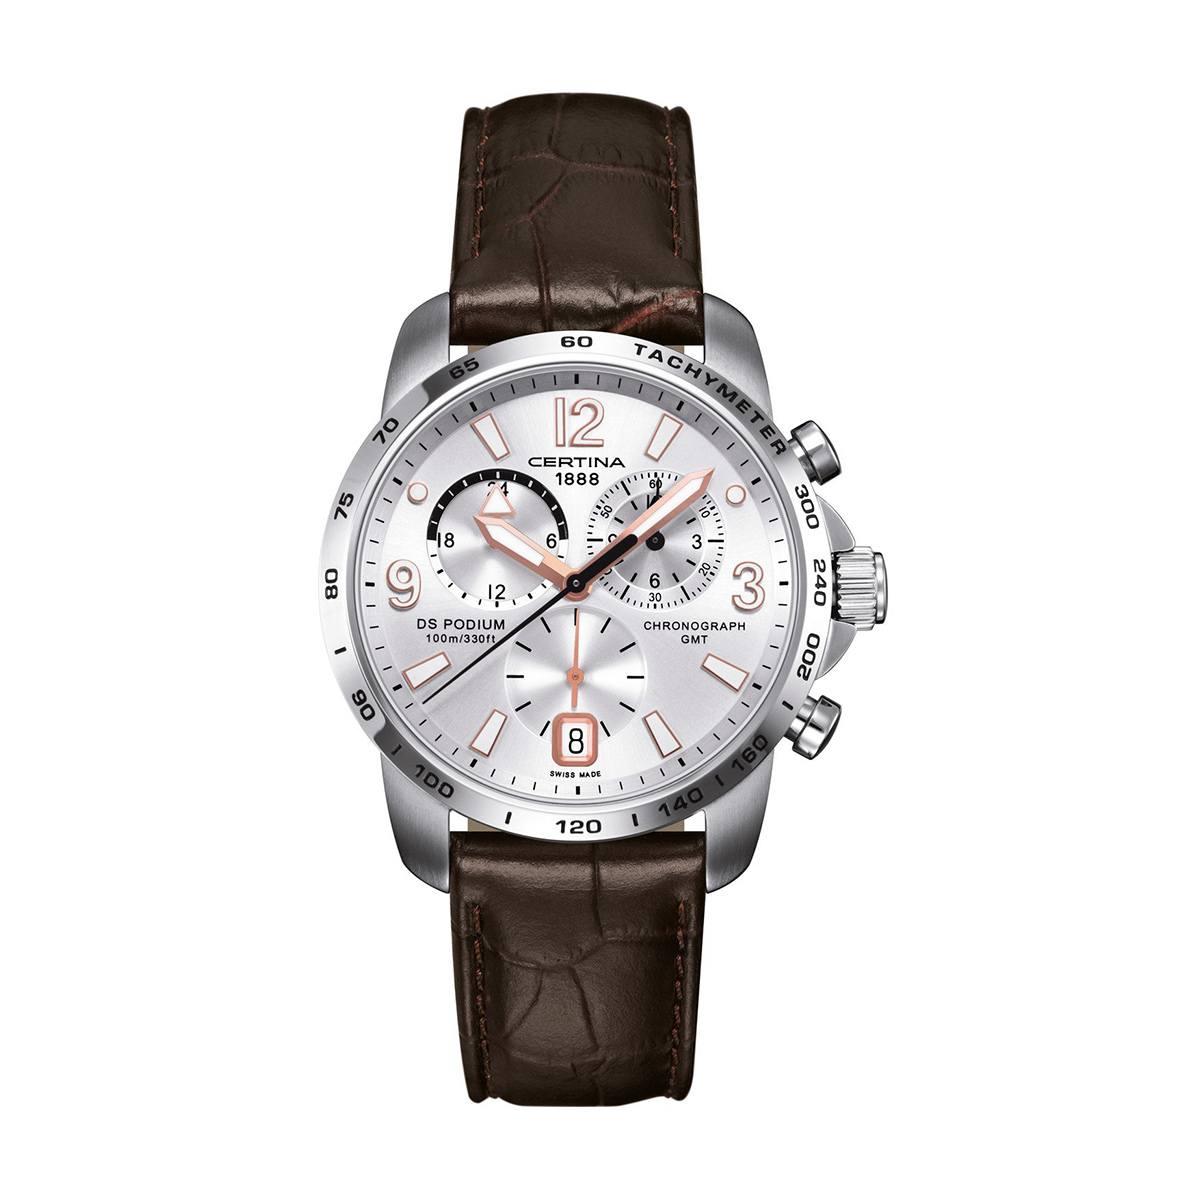 Часовник Certina C001.639.16.037.01